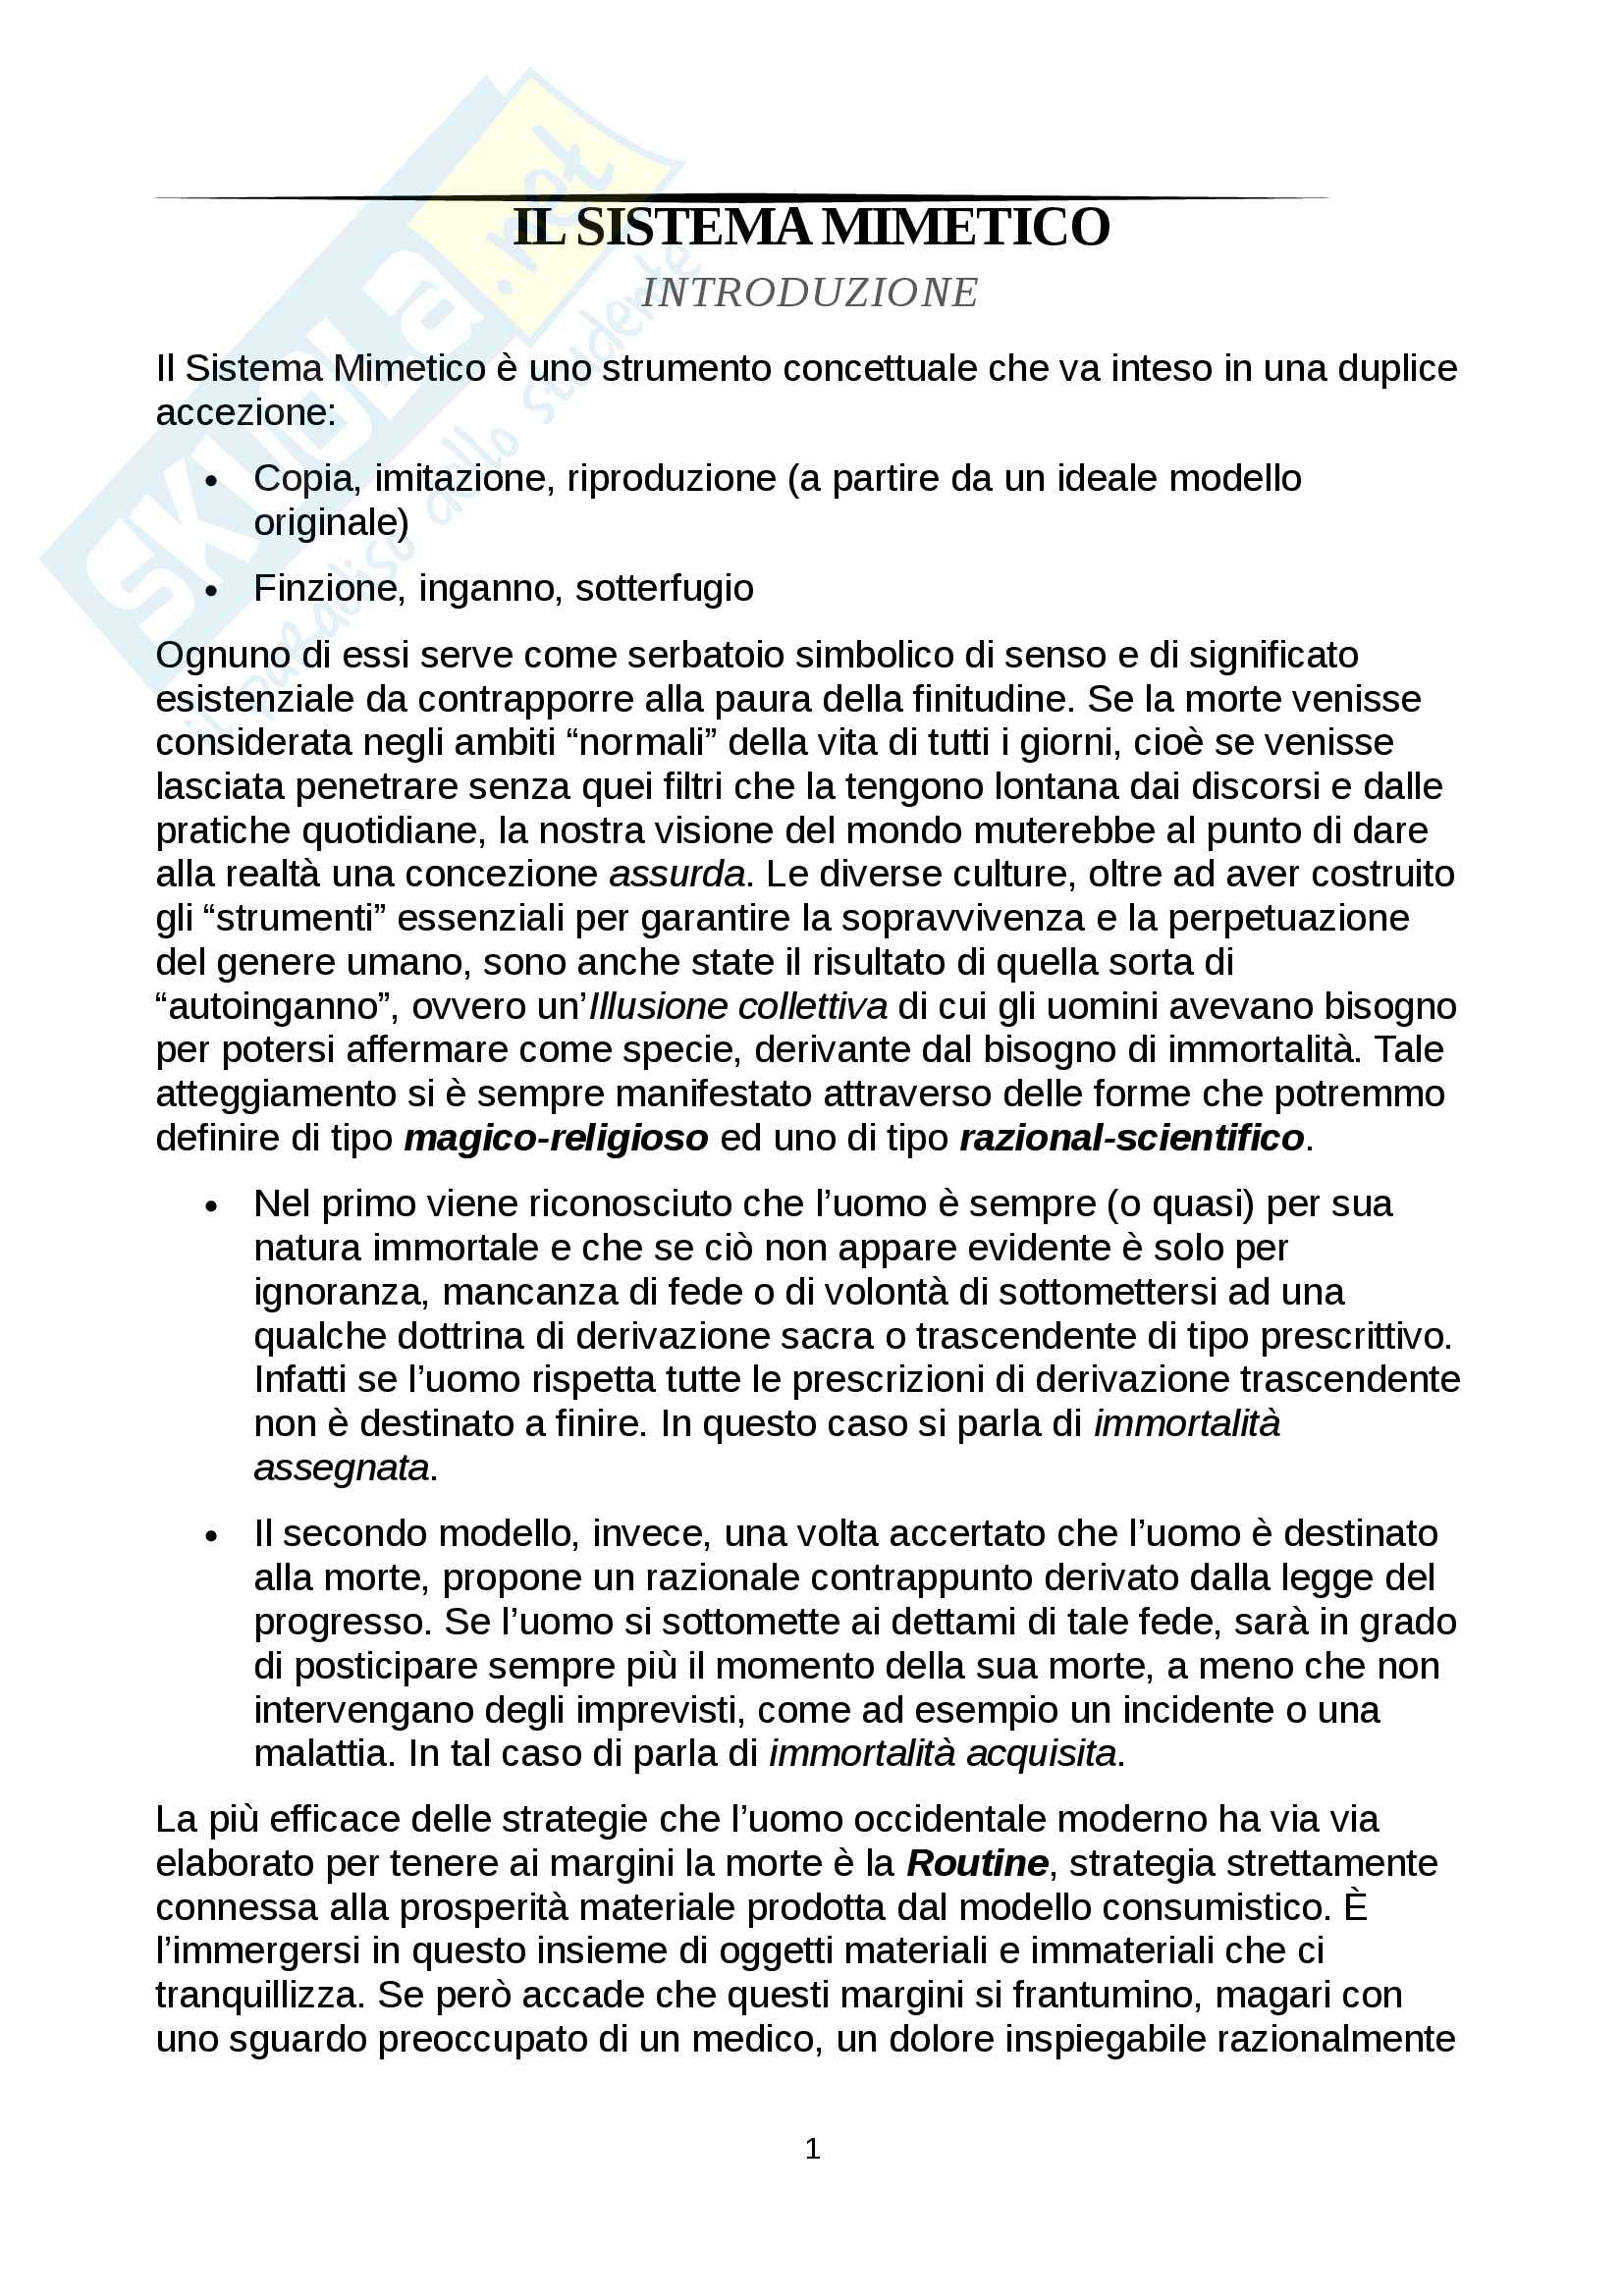 Riassunto esame Comunicazione e processi culturali, prof. Pecchinenda Gianfranco, libro consigliato Il Sistema Mimetico, Gianfranco Pecchinenda